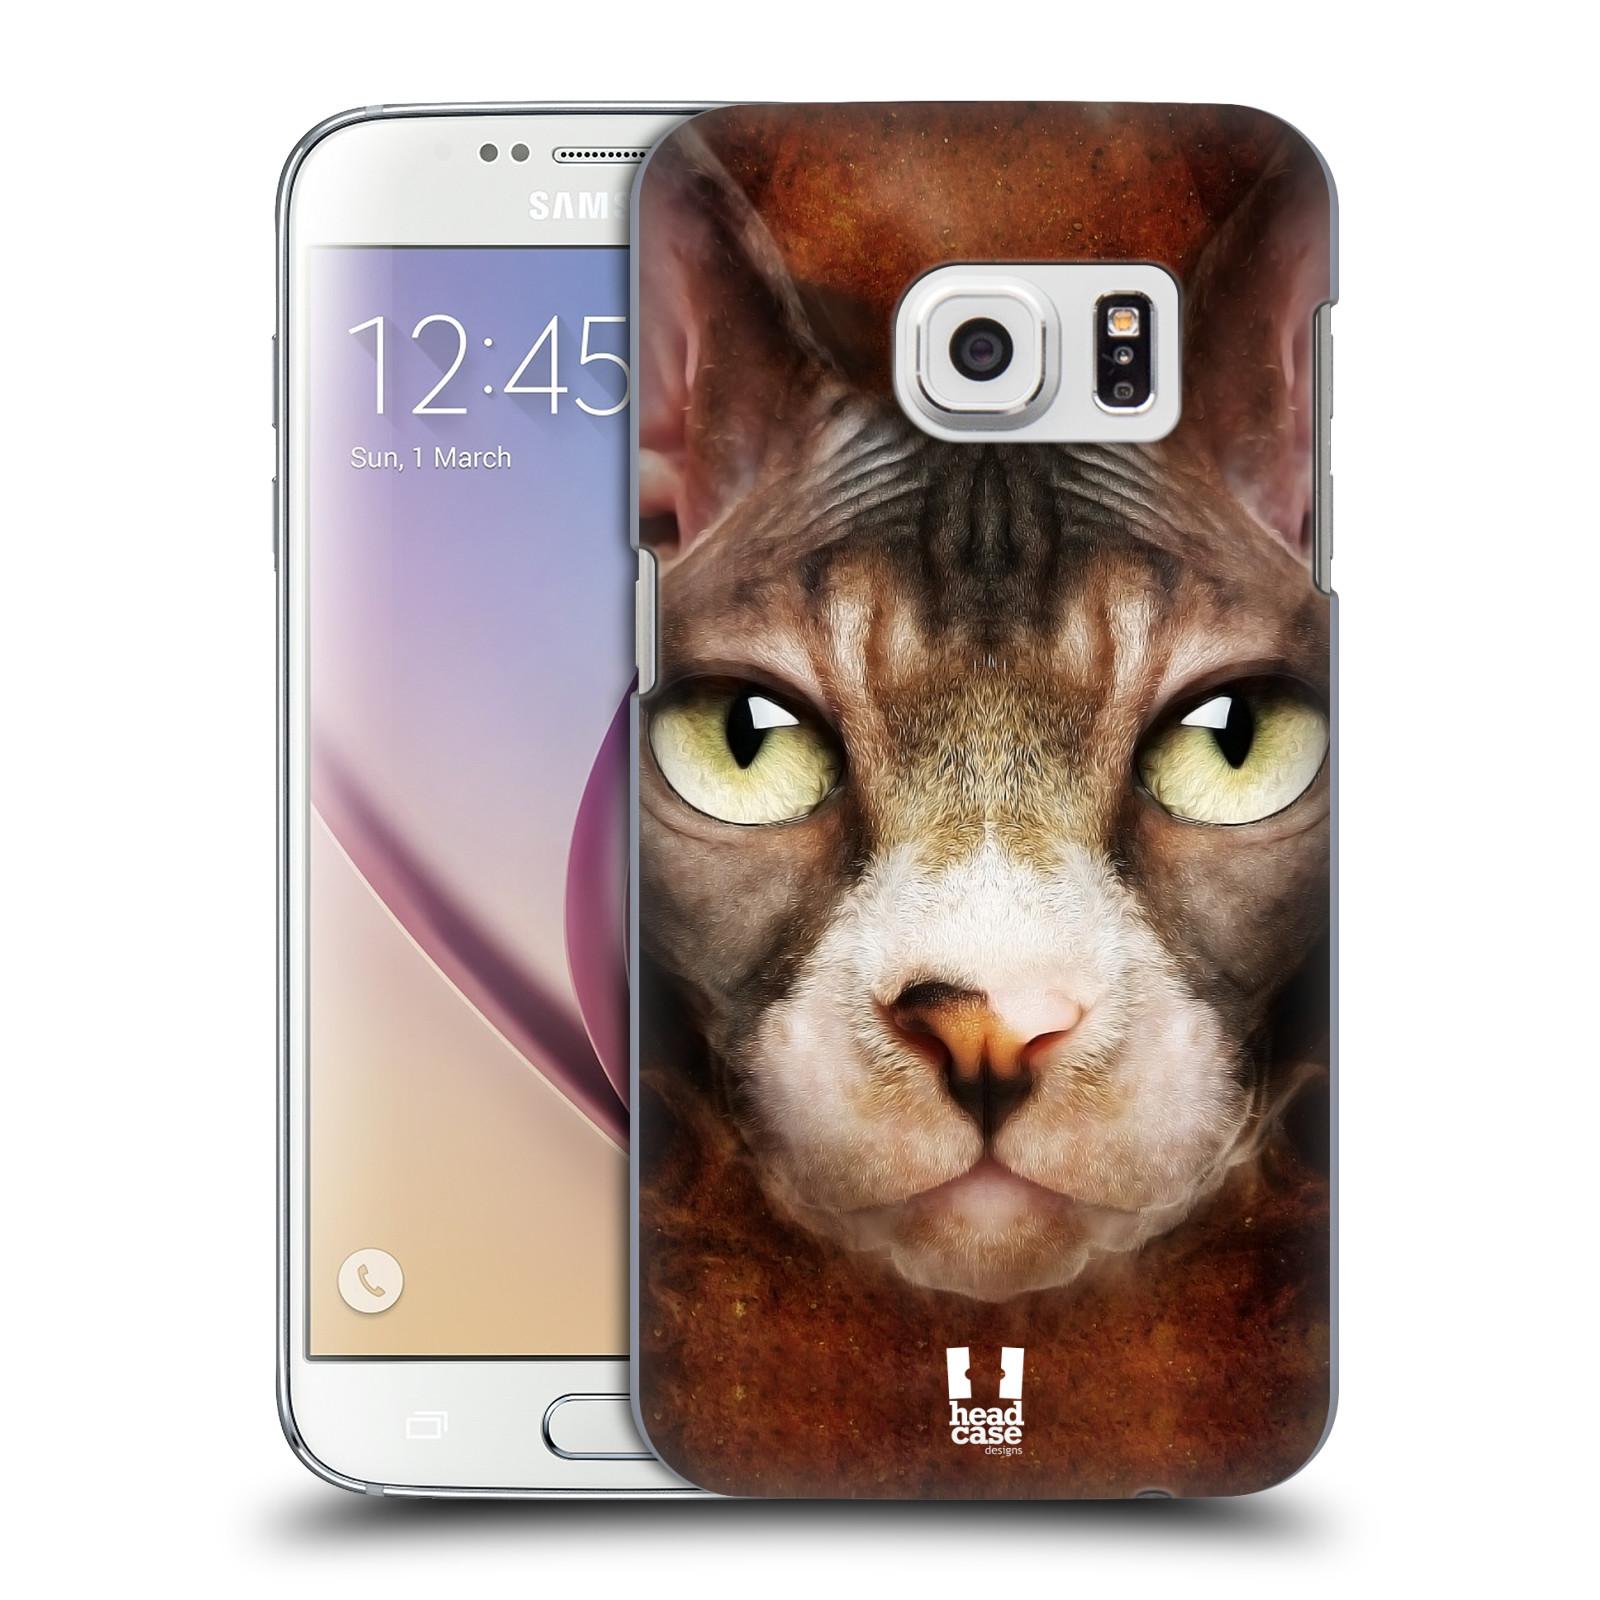 HEAD CASE plastový obal na mobil SAMSUNG GALAXY S7 vzor Zvířecí tváře kočka sphynx